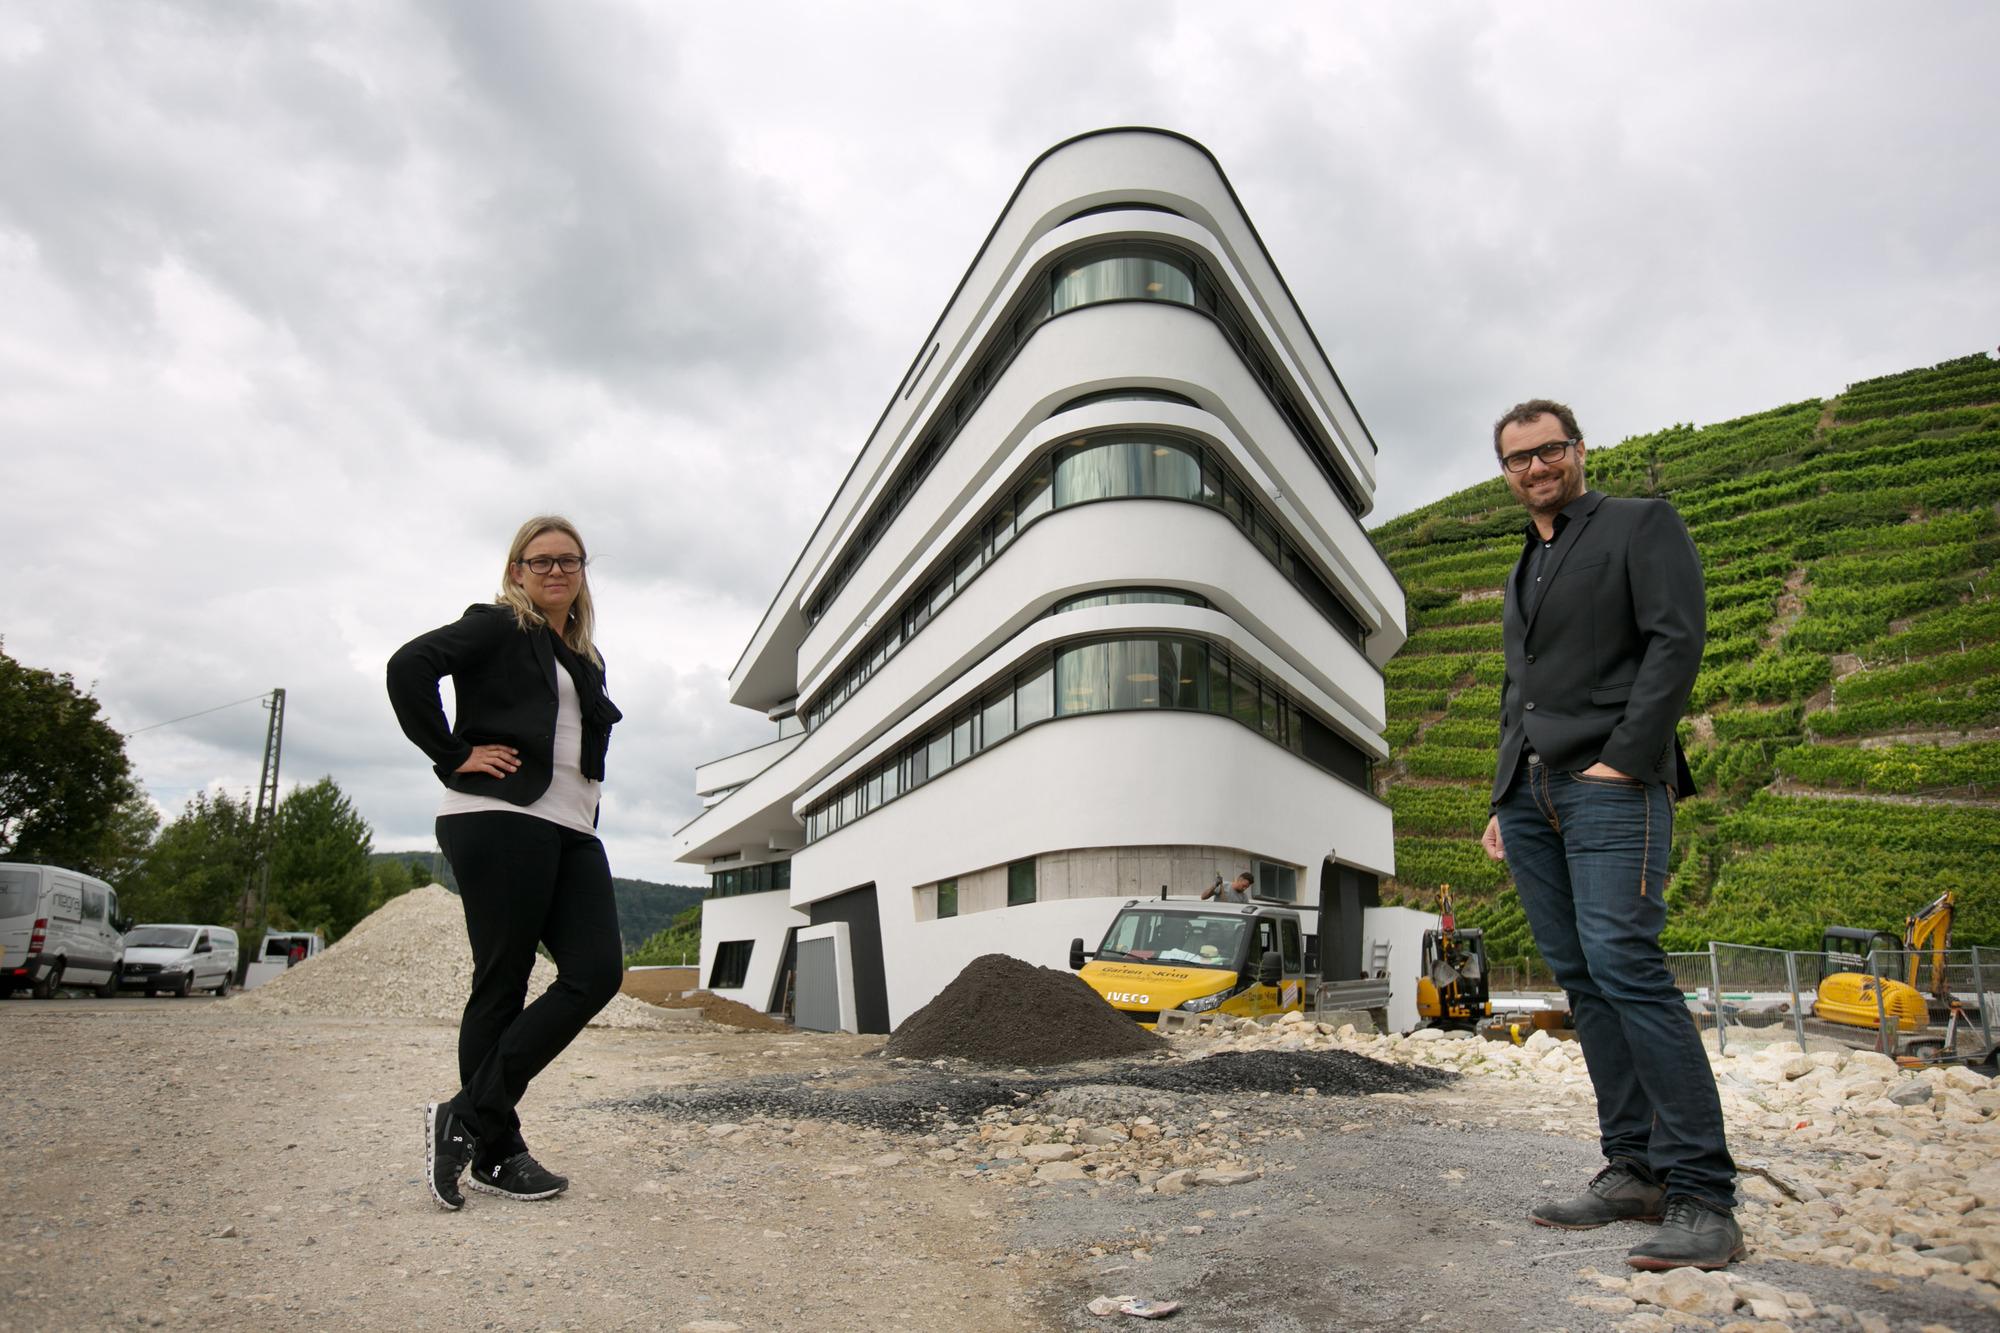 Architekten Esslingen glücksfall schmückt tortengrundstück zwischen neckar und alb